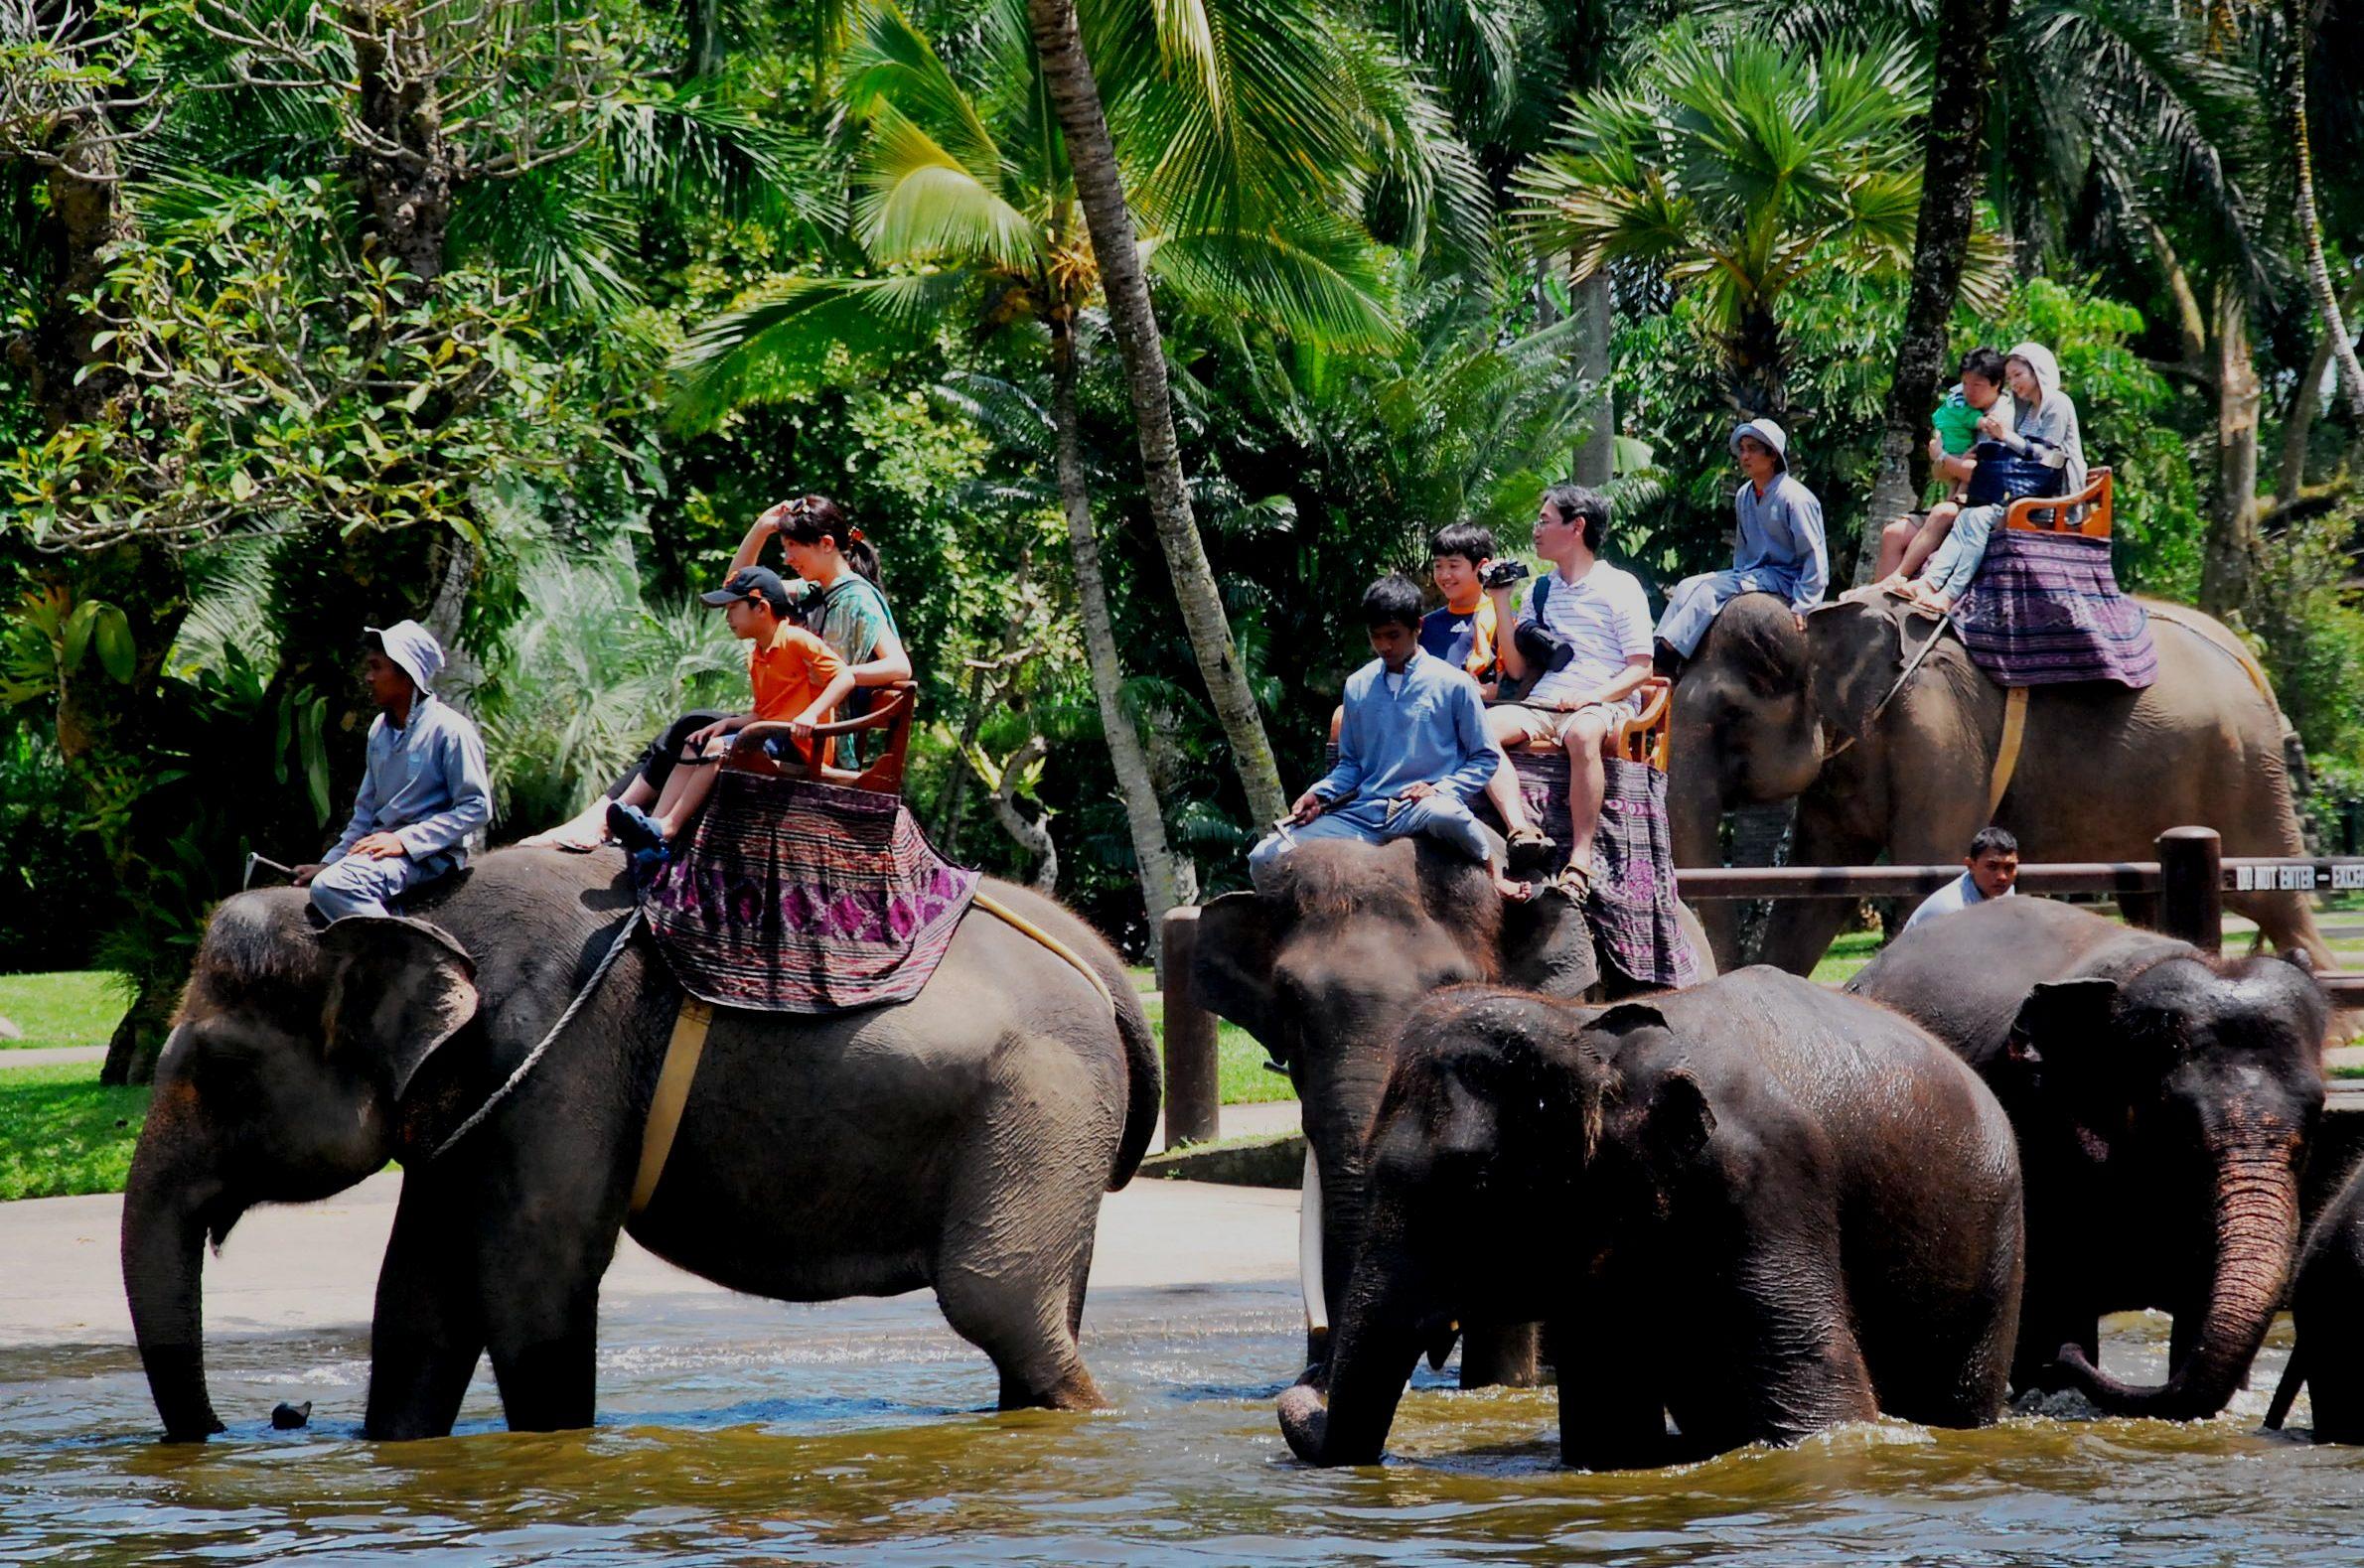 Bali'de fil safarisine katılın